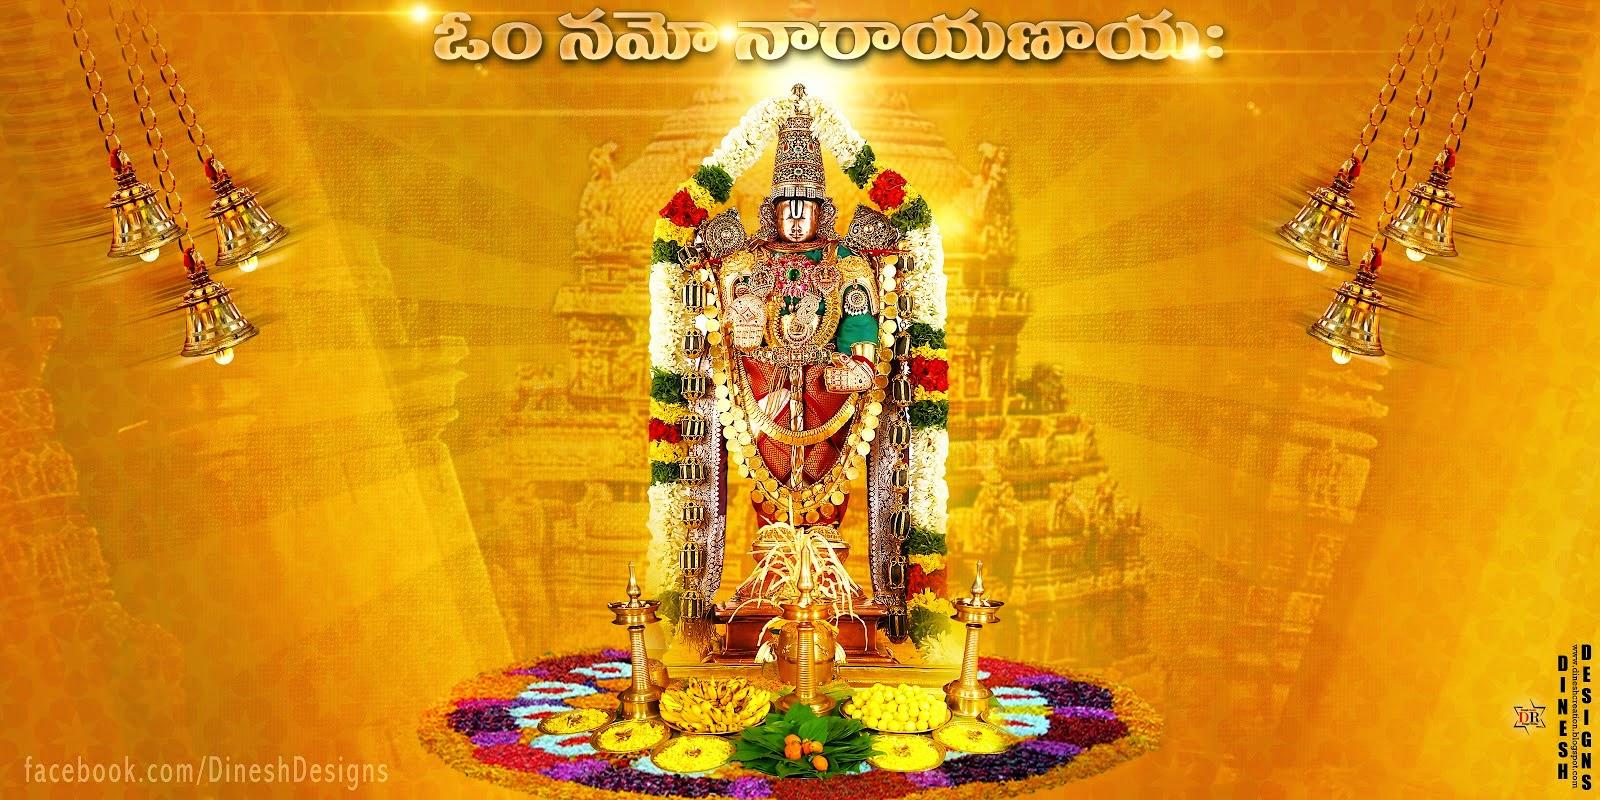 Sri Annamacharya Samkirtanas - M.S. Subbulakshmi